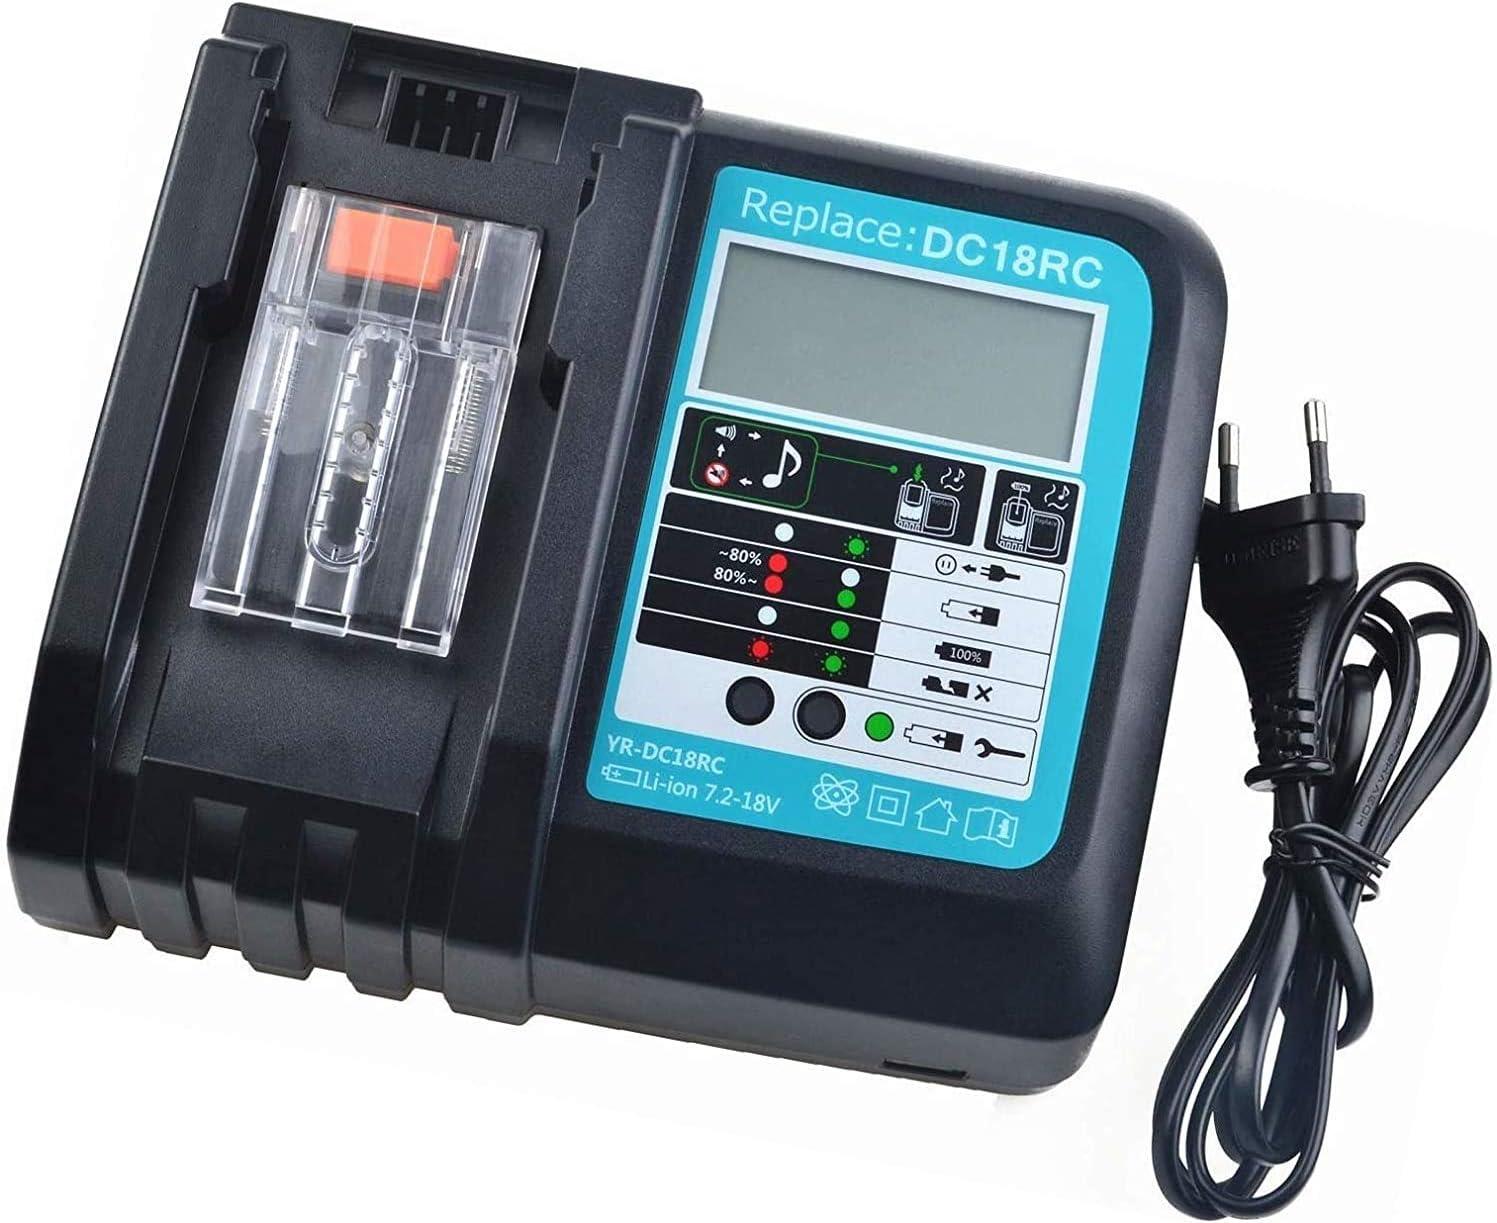 1 pi/èce de batterie de rechange 18V 5.0Ah chargeur 3.0A de rechange avec indicateur LED pour batterie Makita BL1850 BL1830 BL1840 BL1860 LXT400 et DC18RA DC18RC